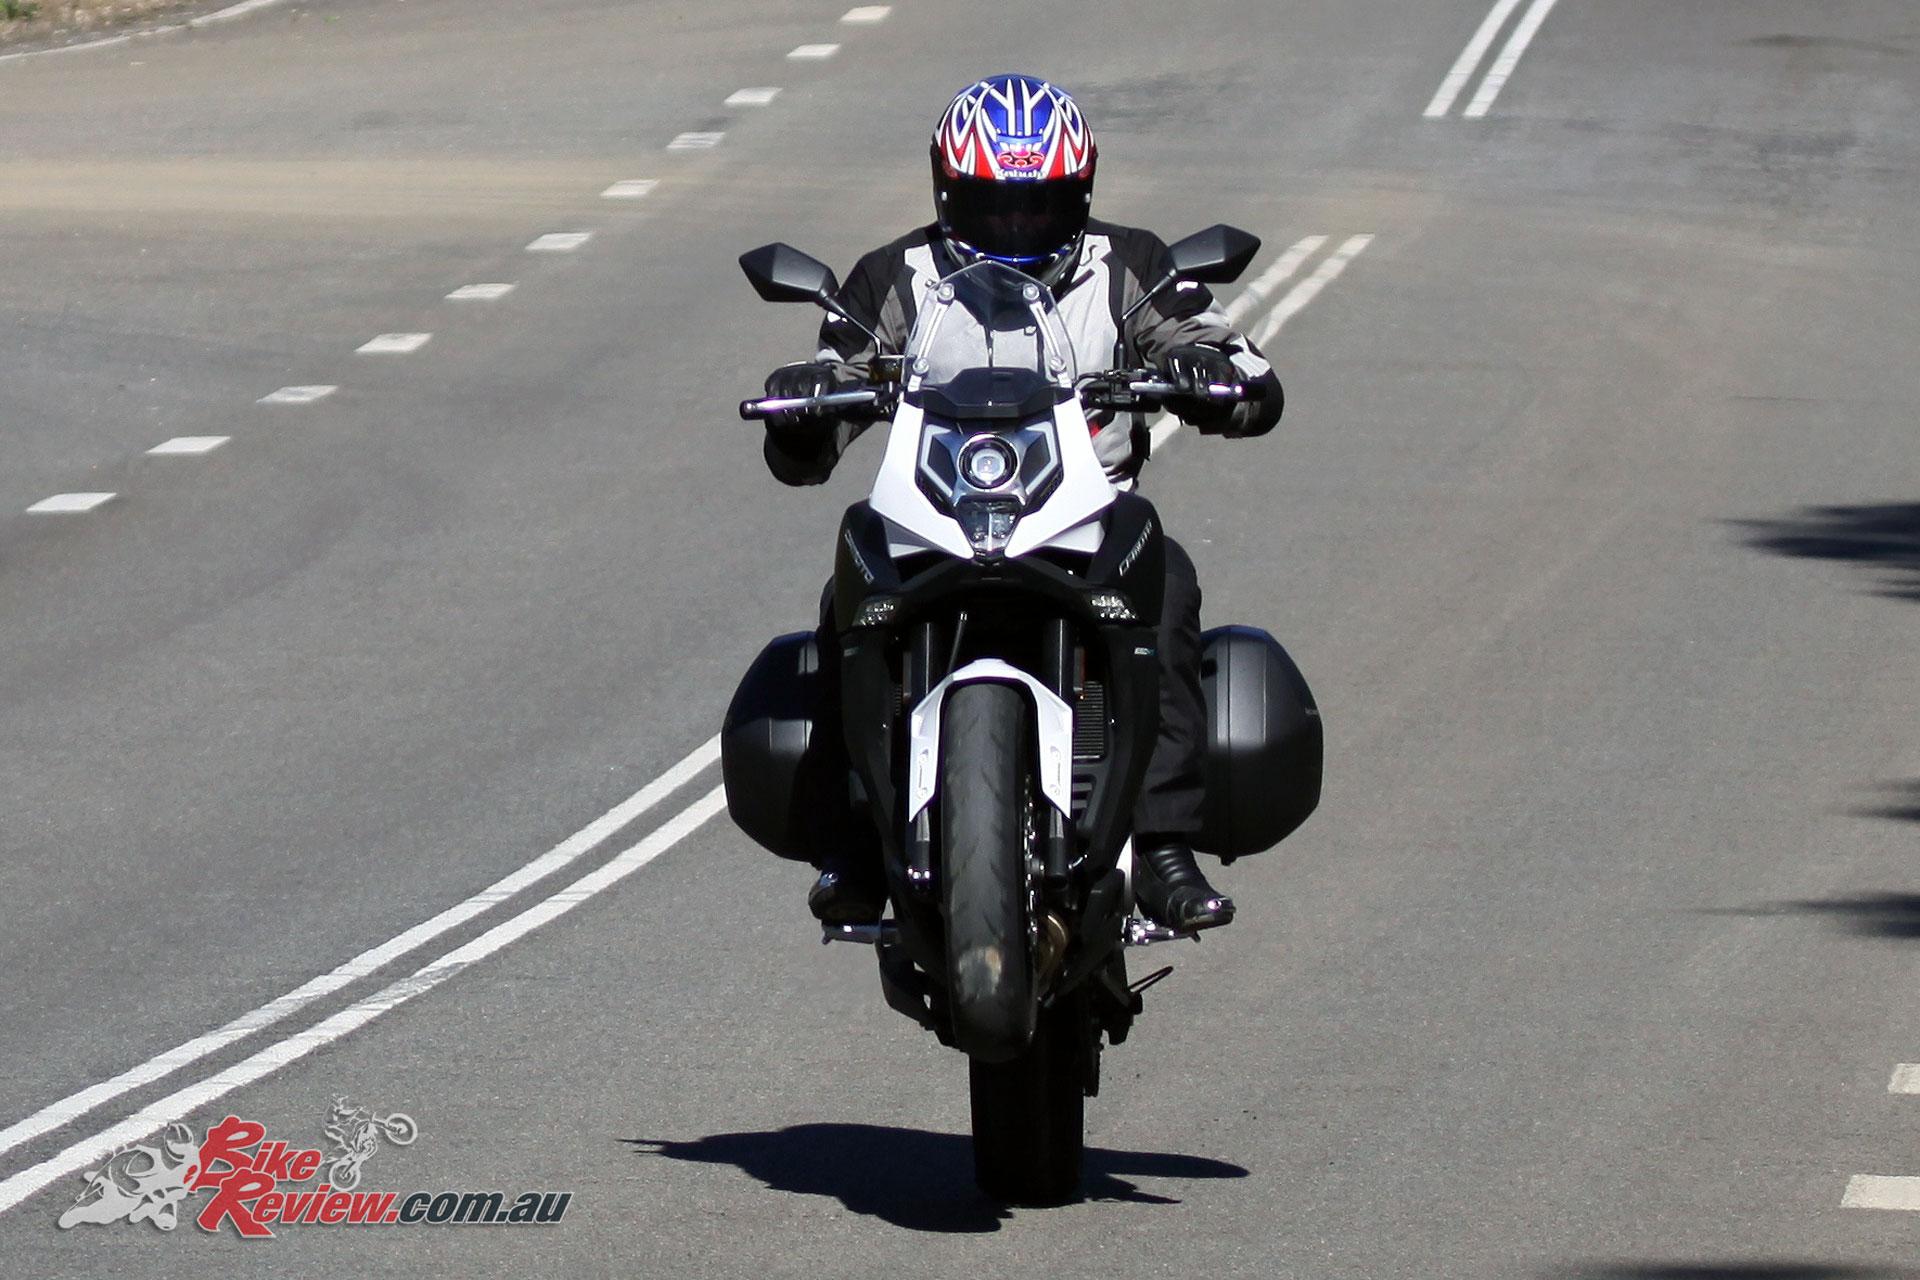 2017 CFMoto 650MT wheelie